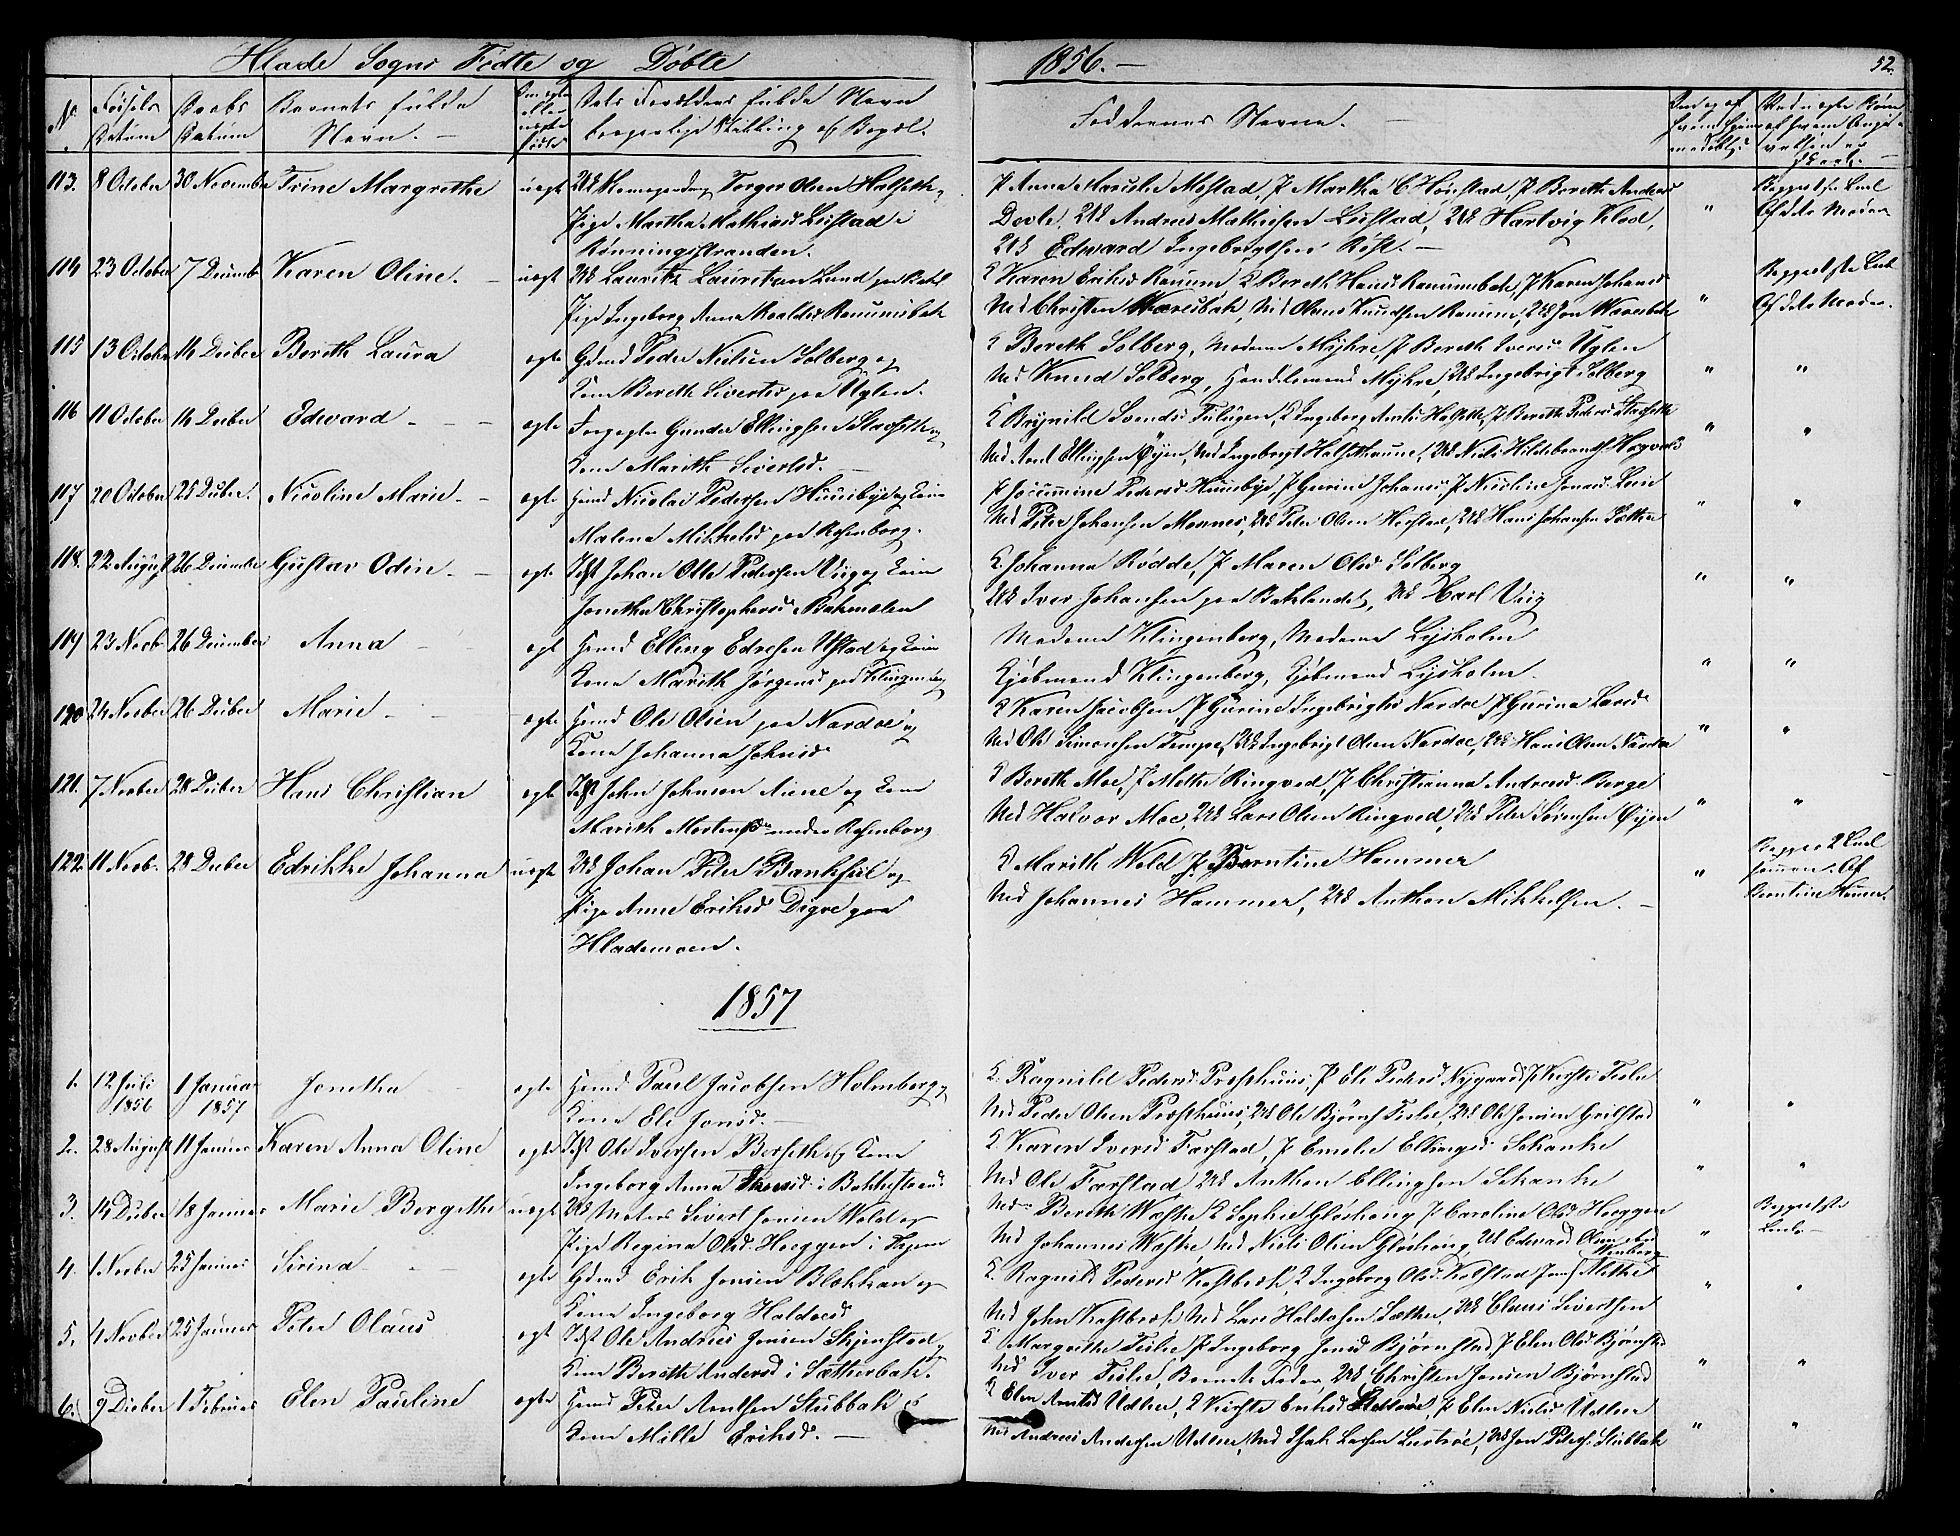 SAT, Ministerialprotokoller, klokkerbøker og fødselsregistre - Sør-Trøndelag, 606/L0310: Klokkerbok nr. 606C06, 1850-1859, s. 52